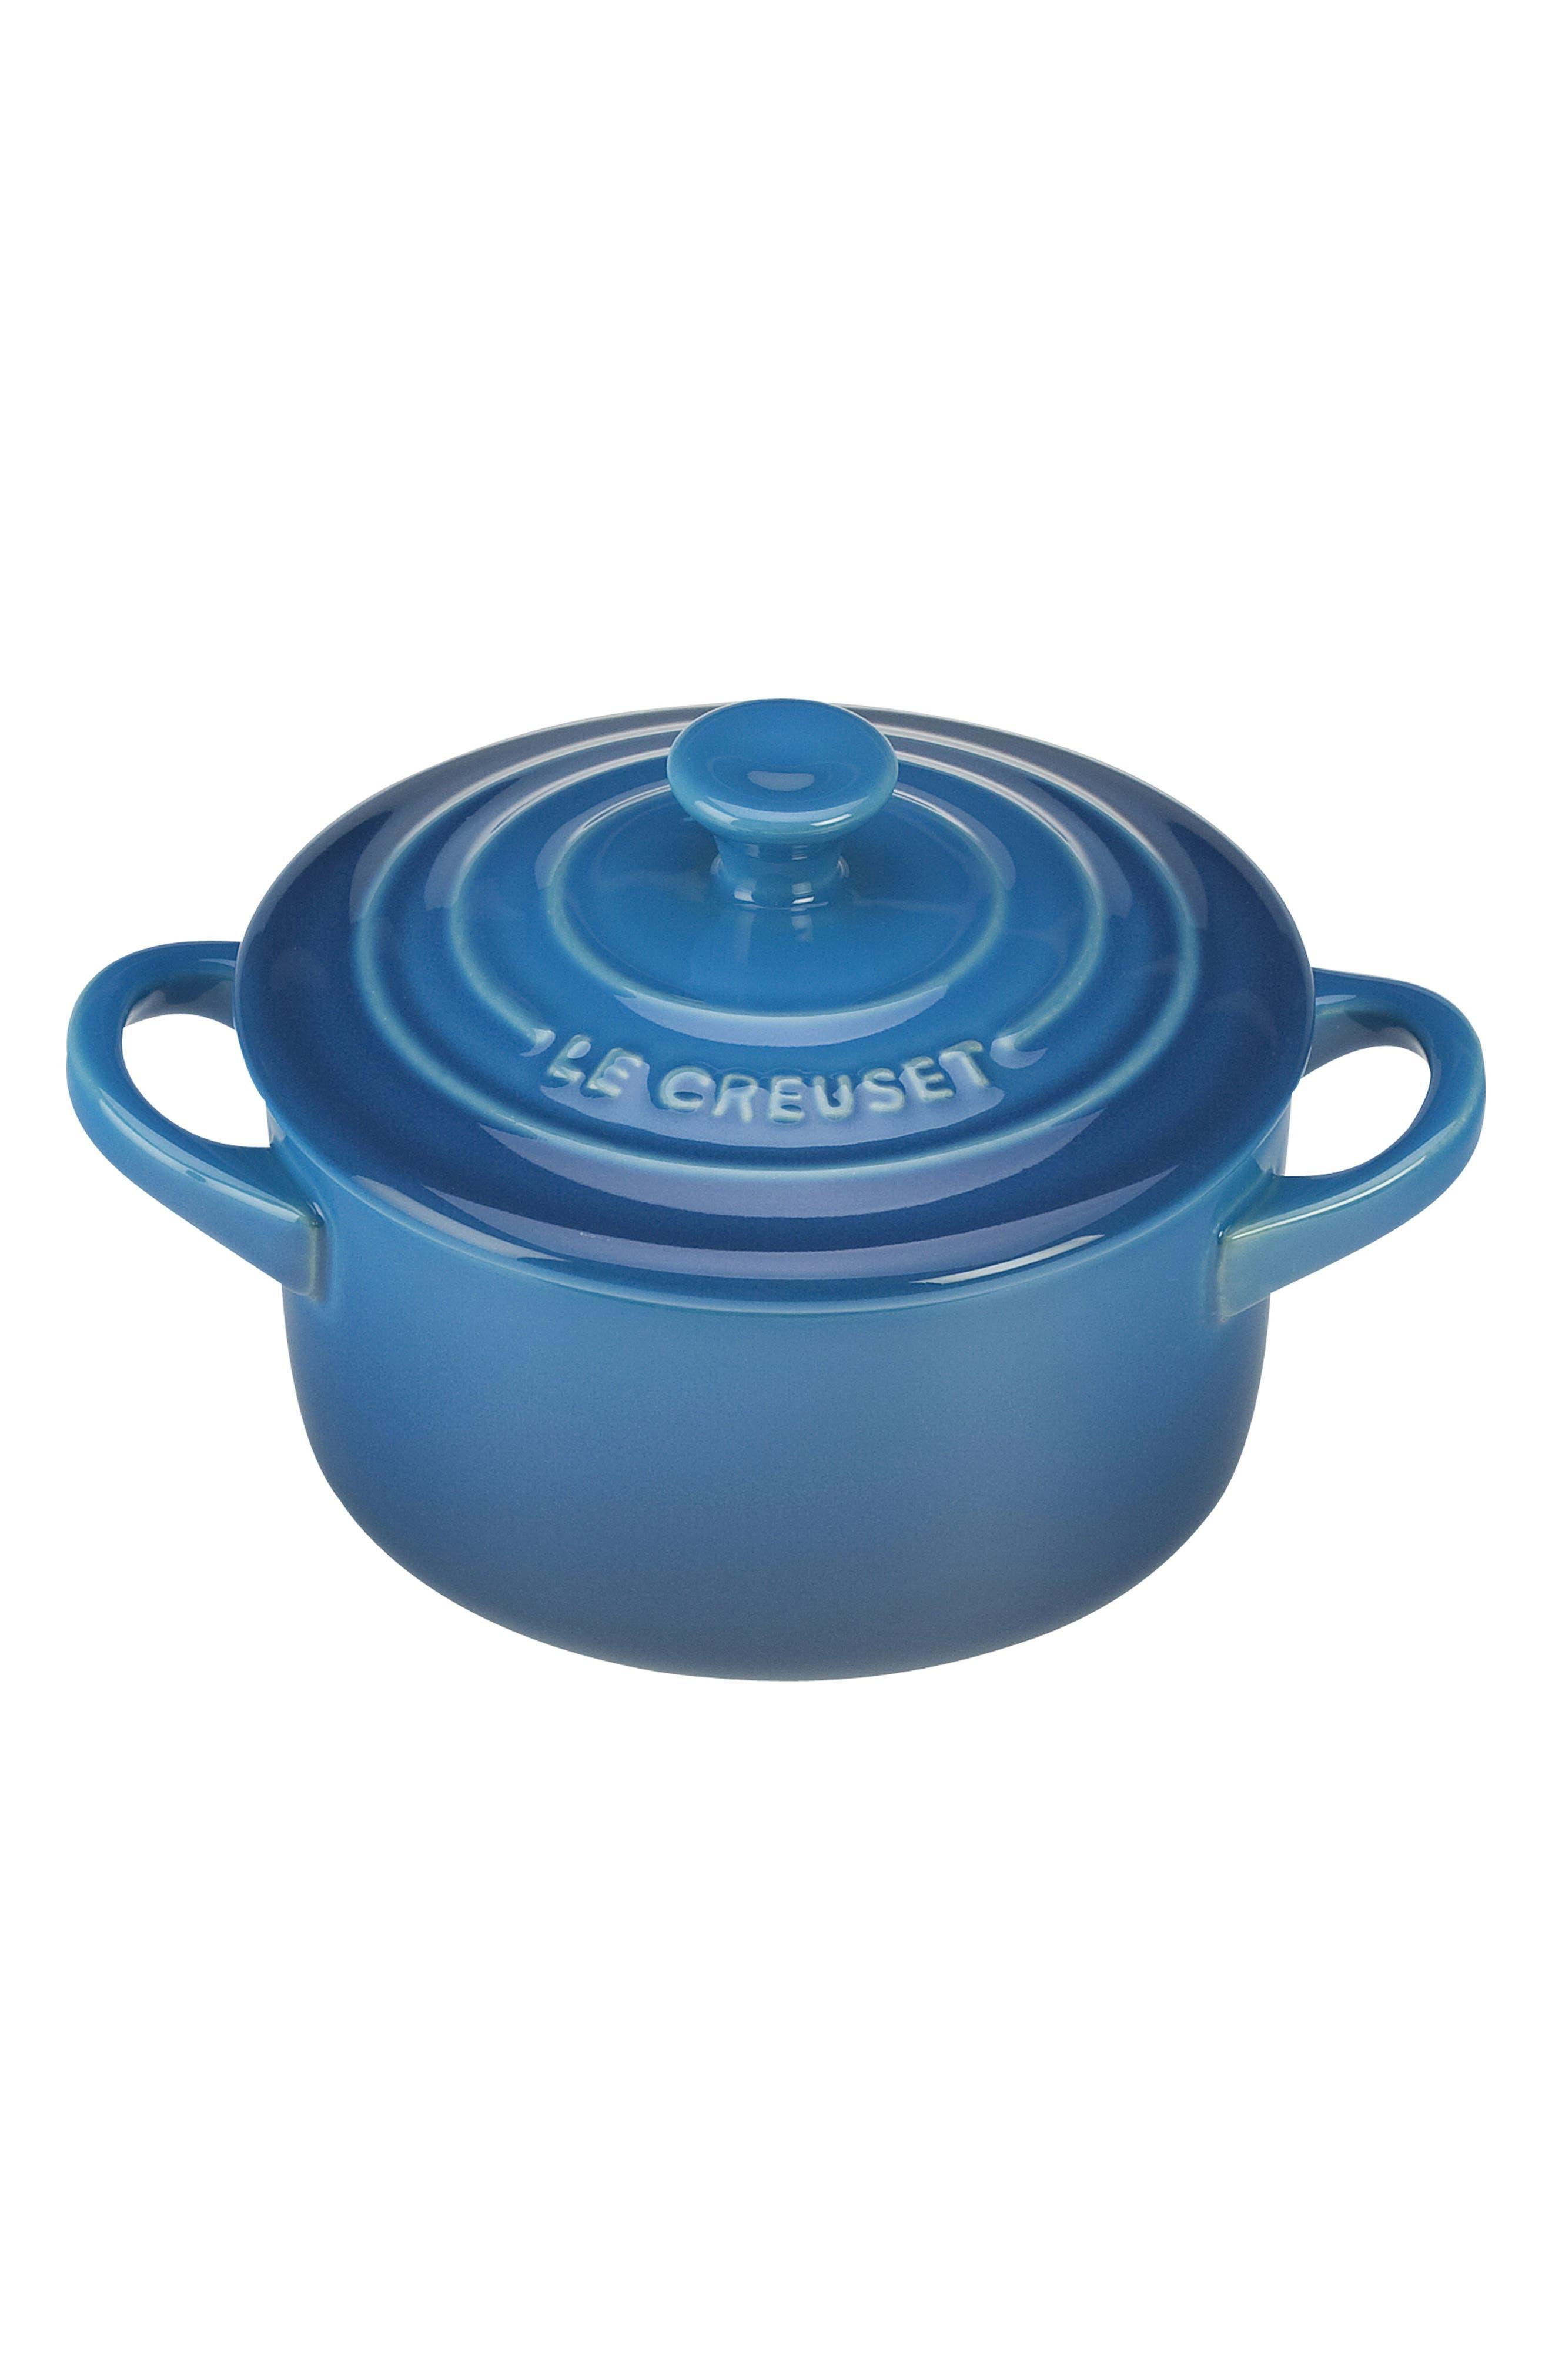 Cookware, Bakeware, Pots & Pans | Nordstrom